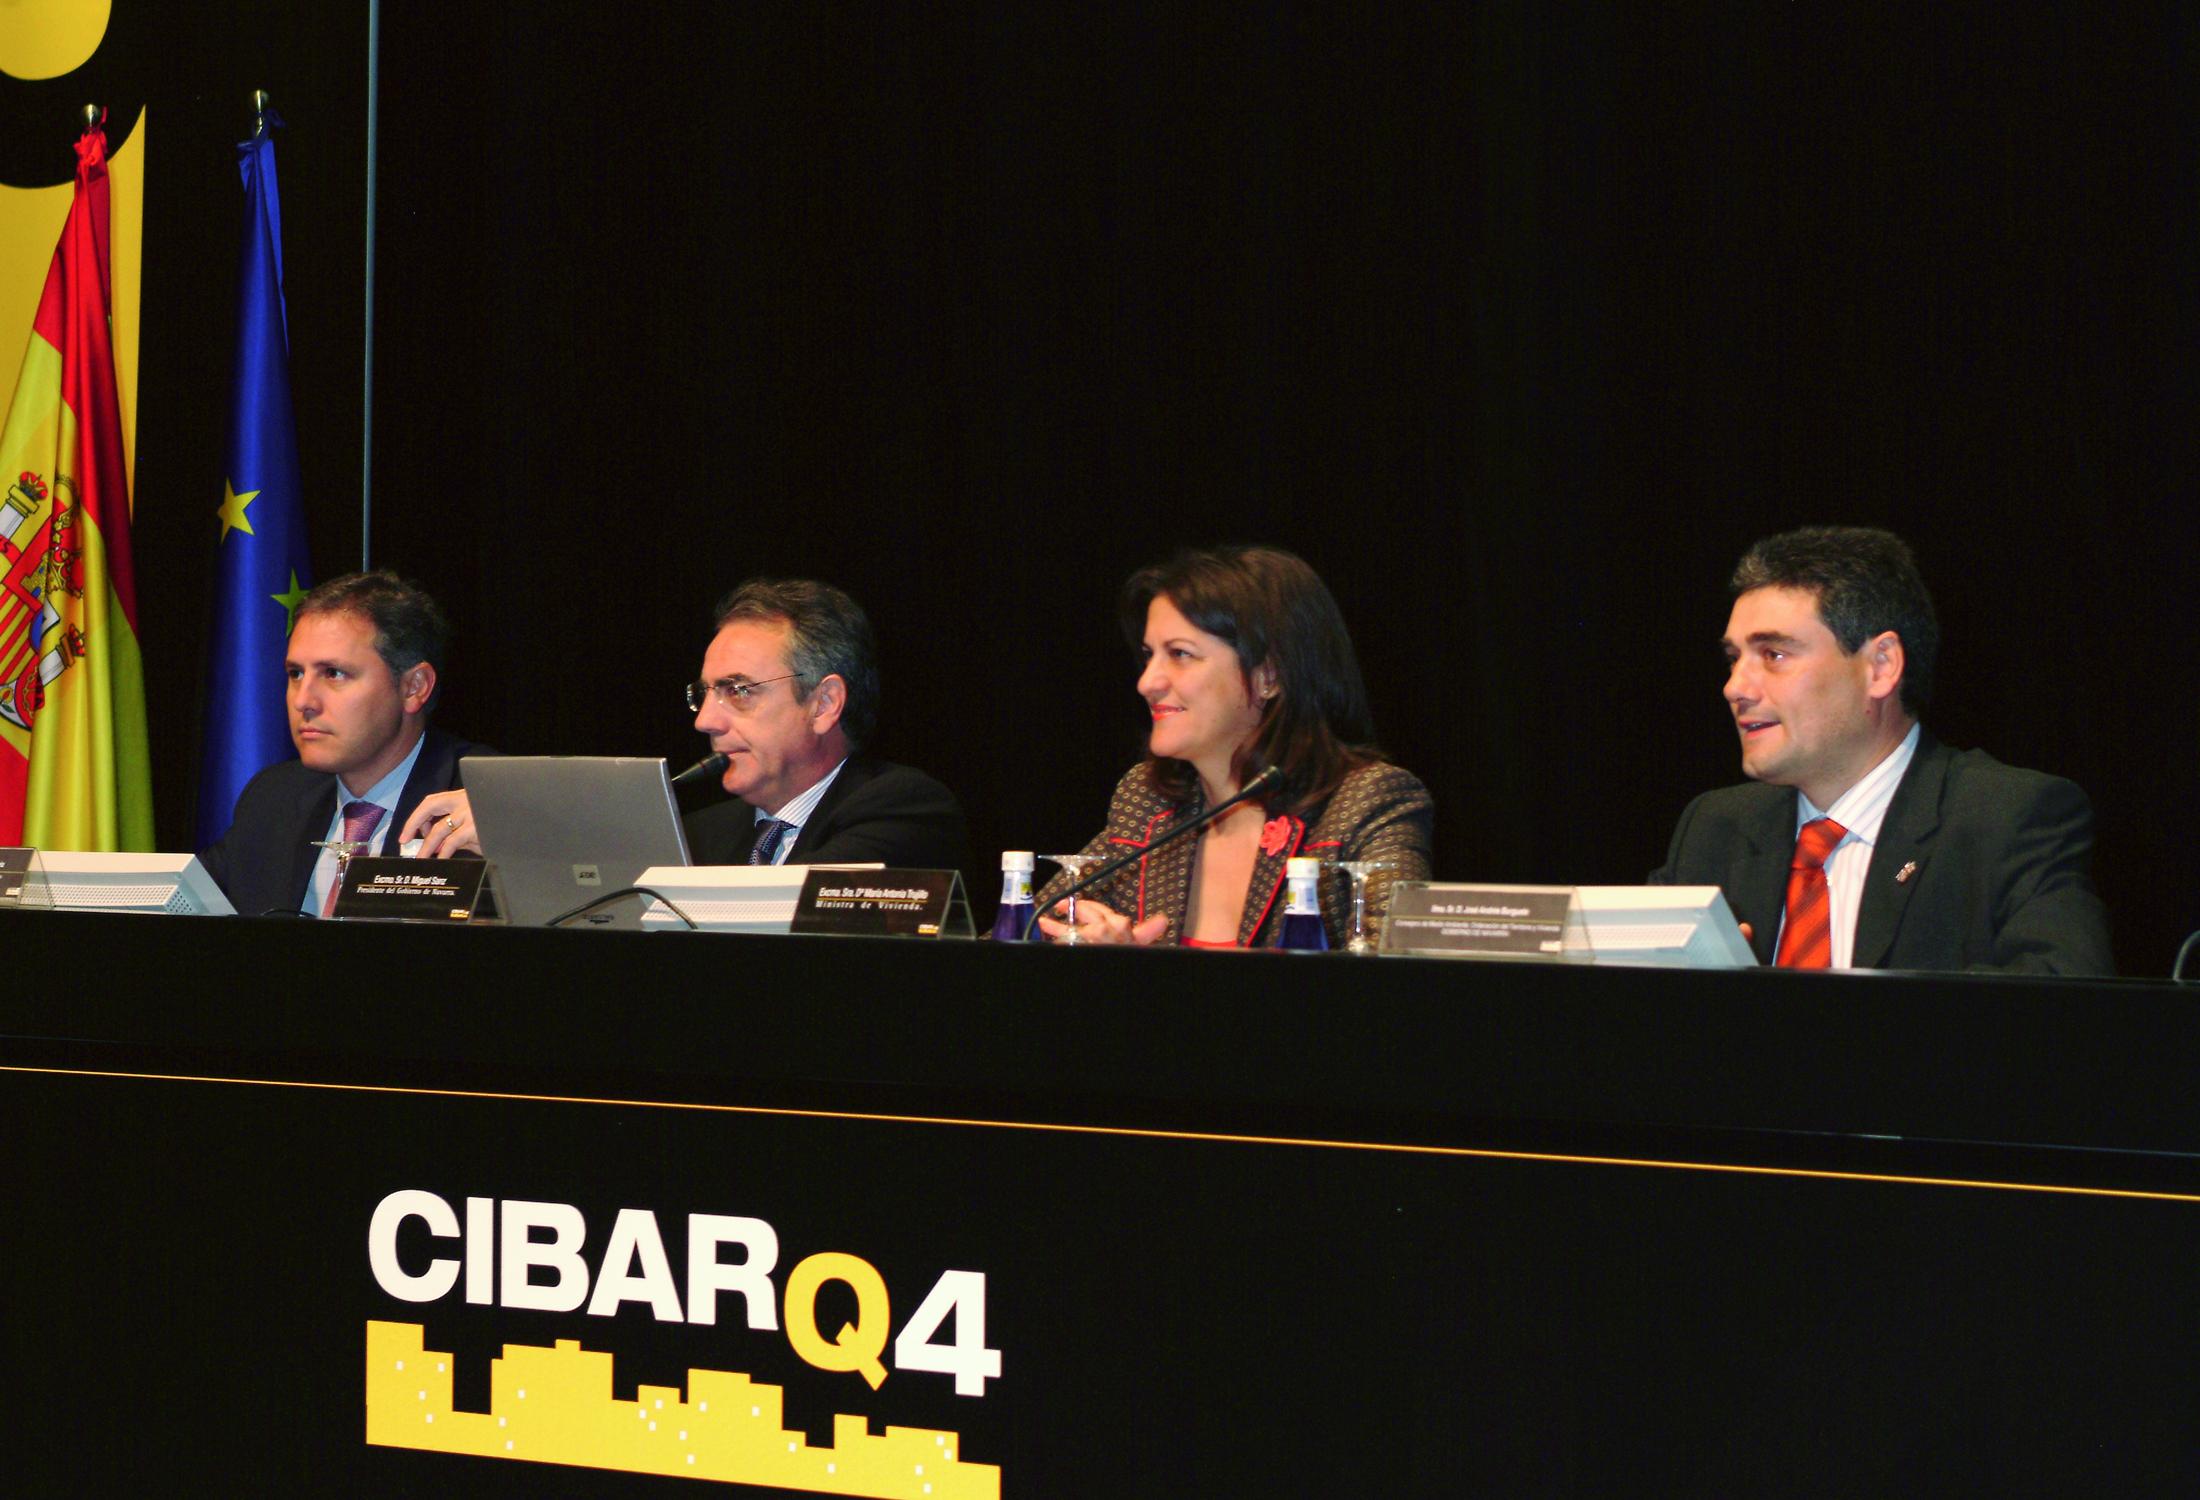 Inauguración de del Congreso de Arquitectura, Ciudad y Energía con presencia de la ministra Mª Antonia Trujillo (2004).